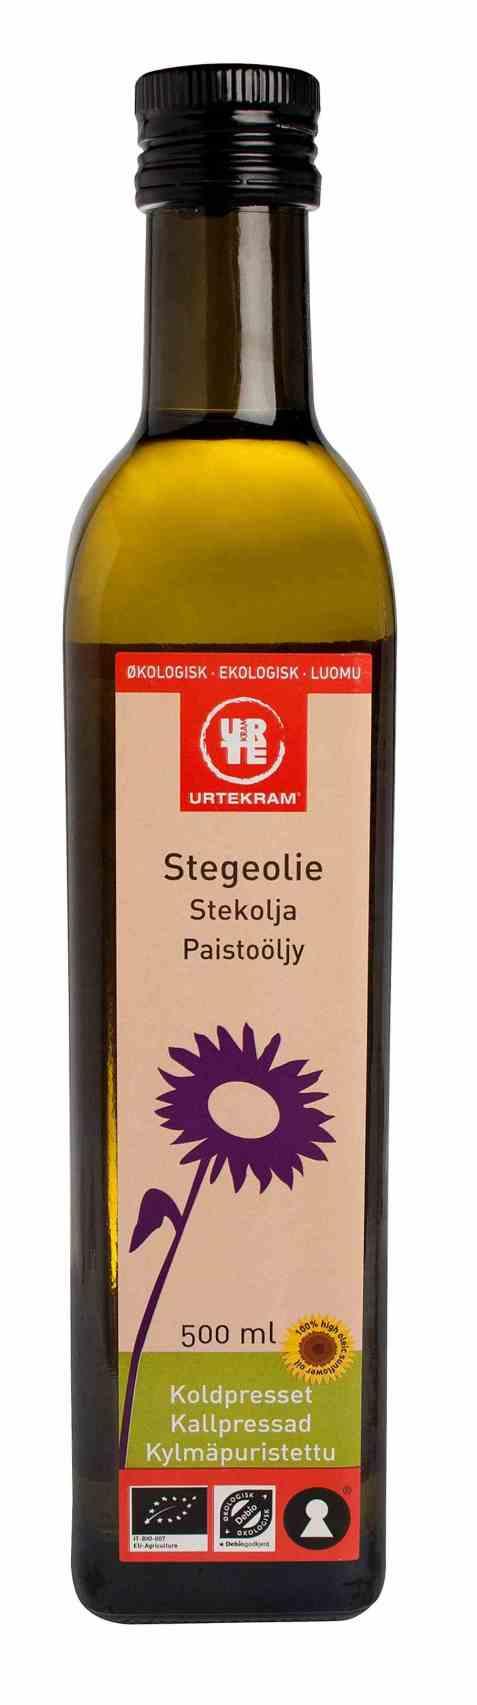 Bilde av Urtekram stekeolje 500 ml.